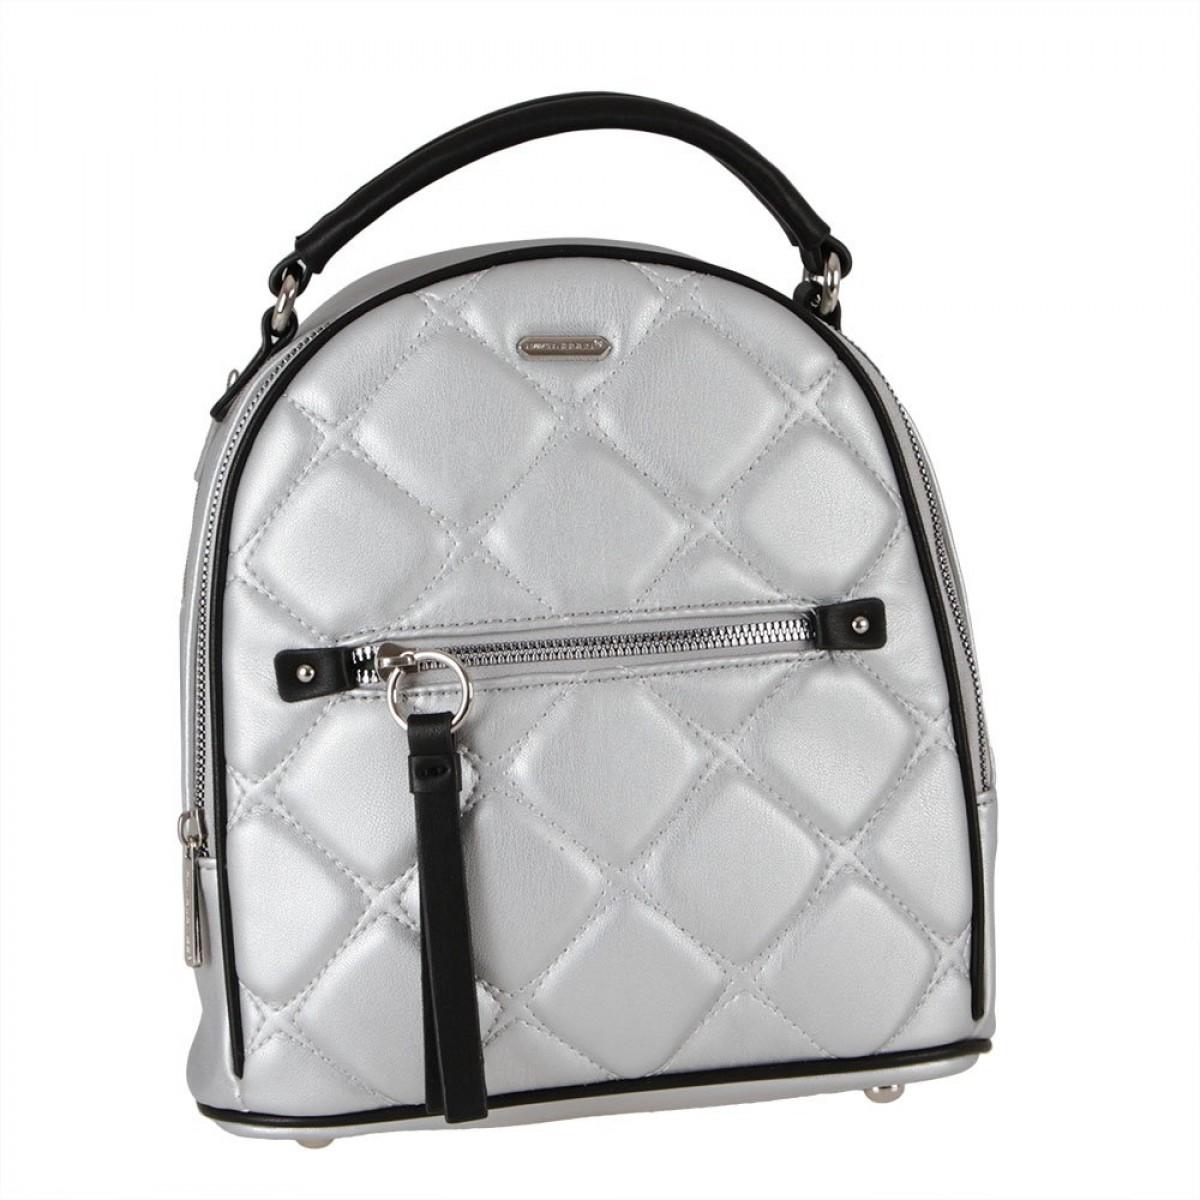 Жіночий рюкзак David Jones 6520-2 SILVER